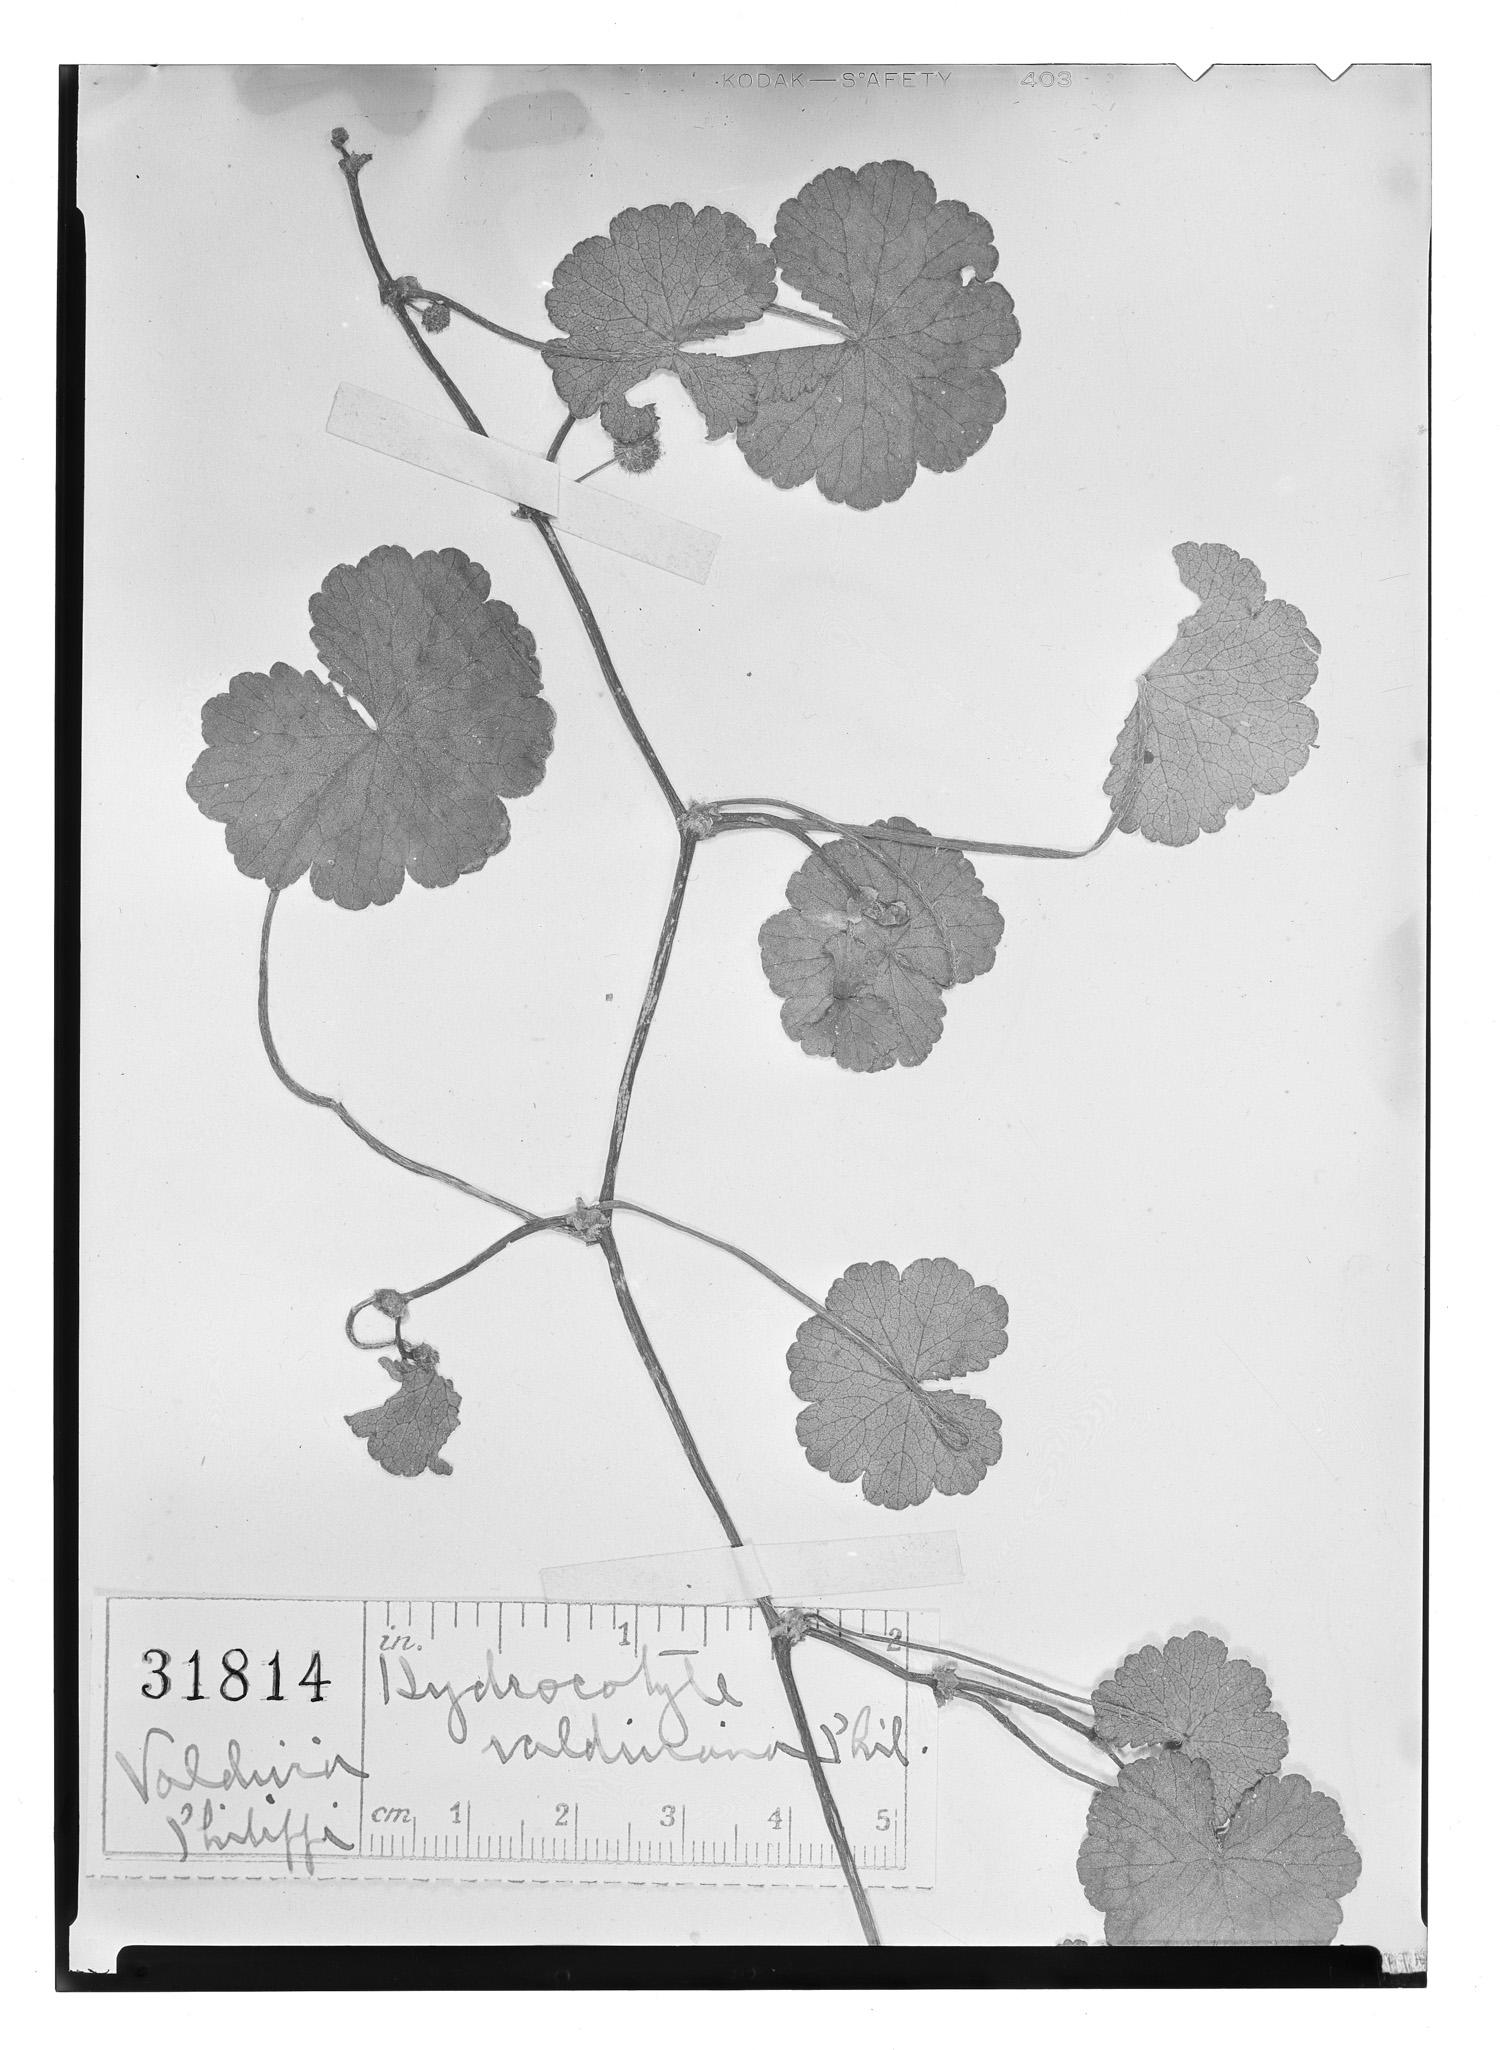 Hydrocotyle chamaemorus image